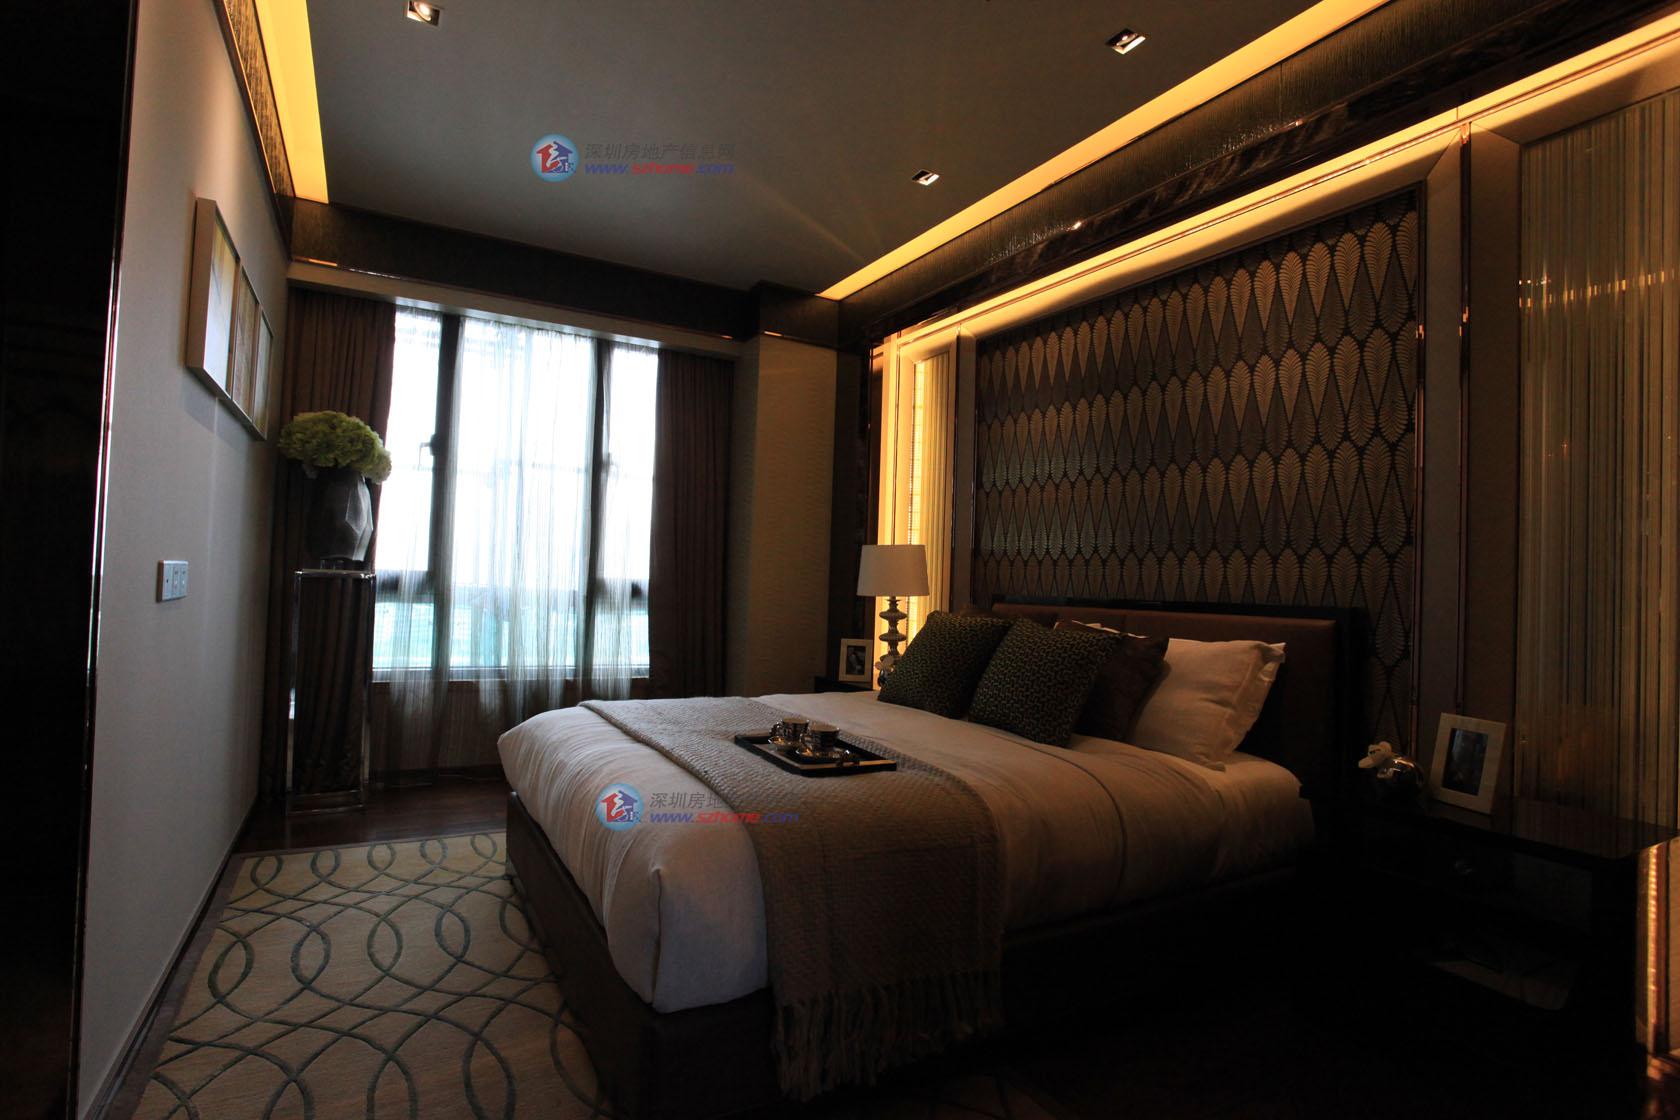 炫舞时代照相素材卧室